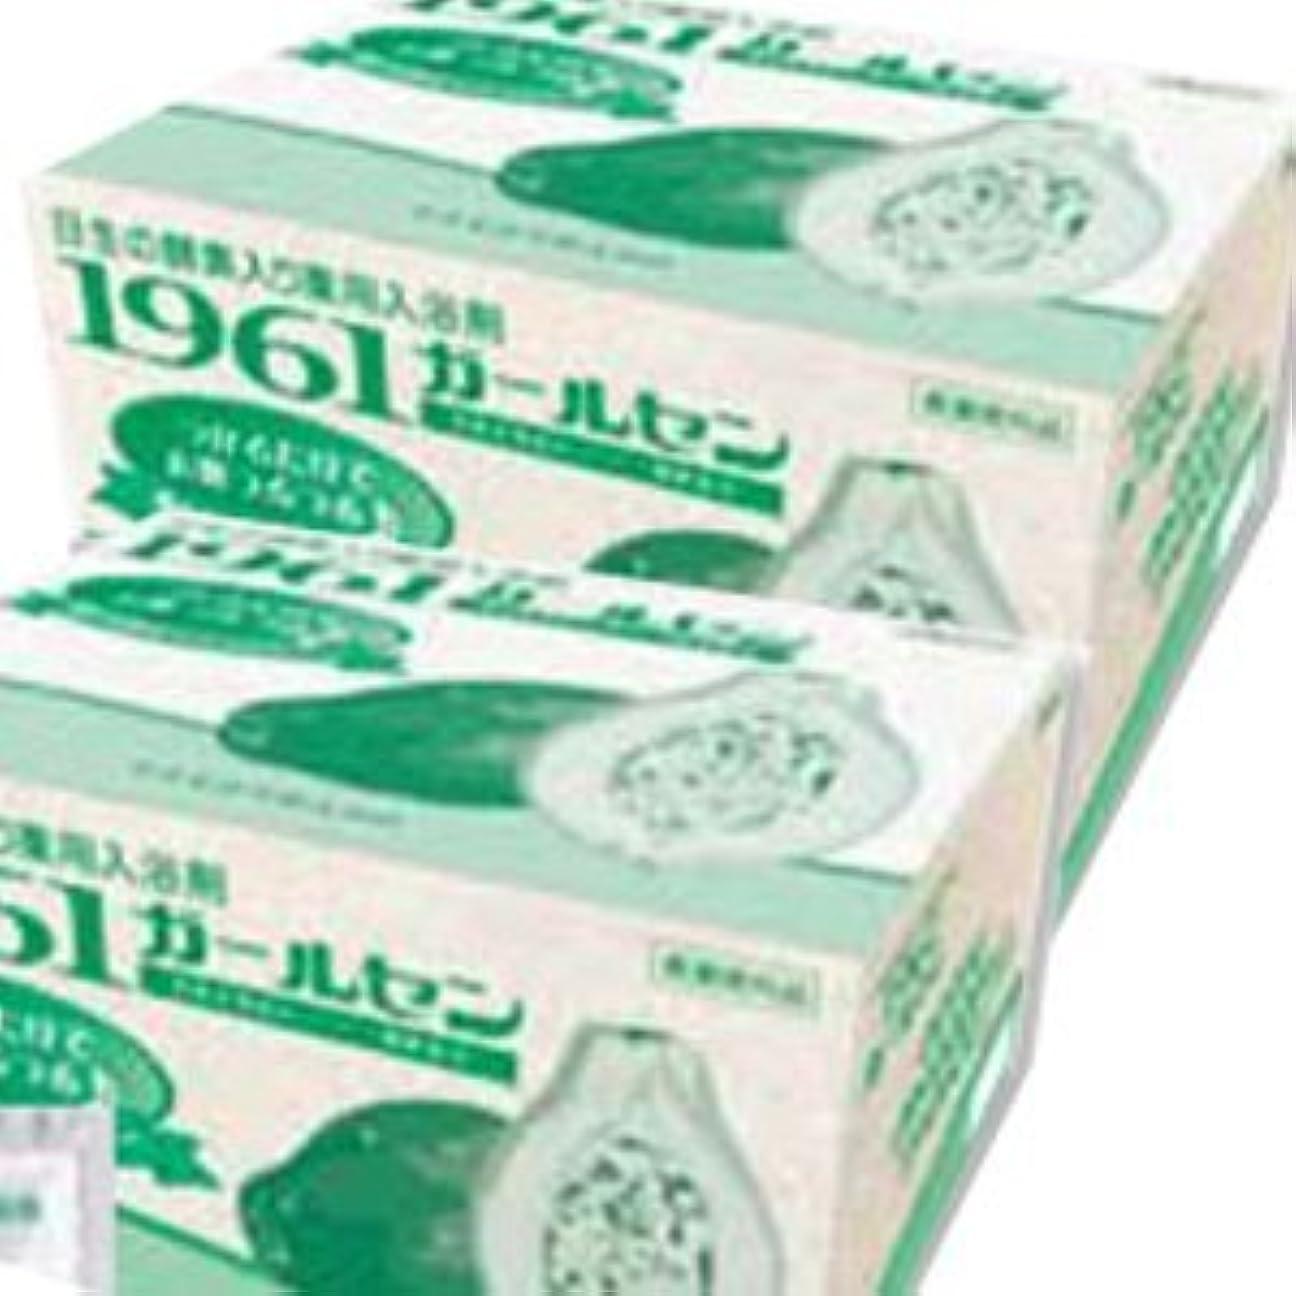 重々しい窒素日本生化学 薬用入浴剤 1961ガールセン (20g×60包)×2箱 (医薬部外品)